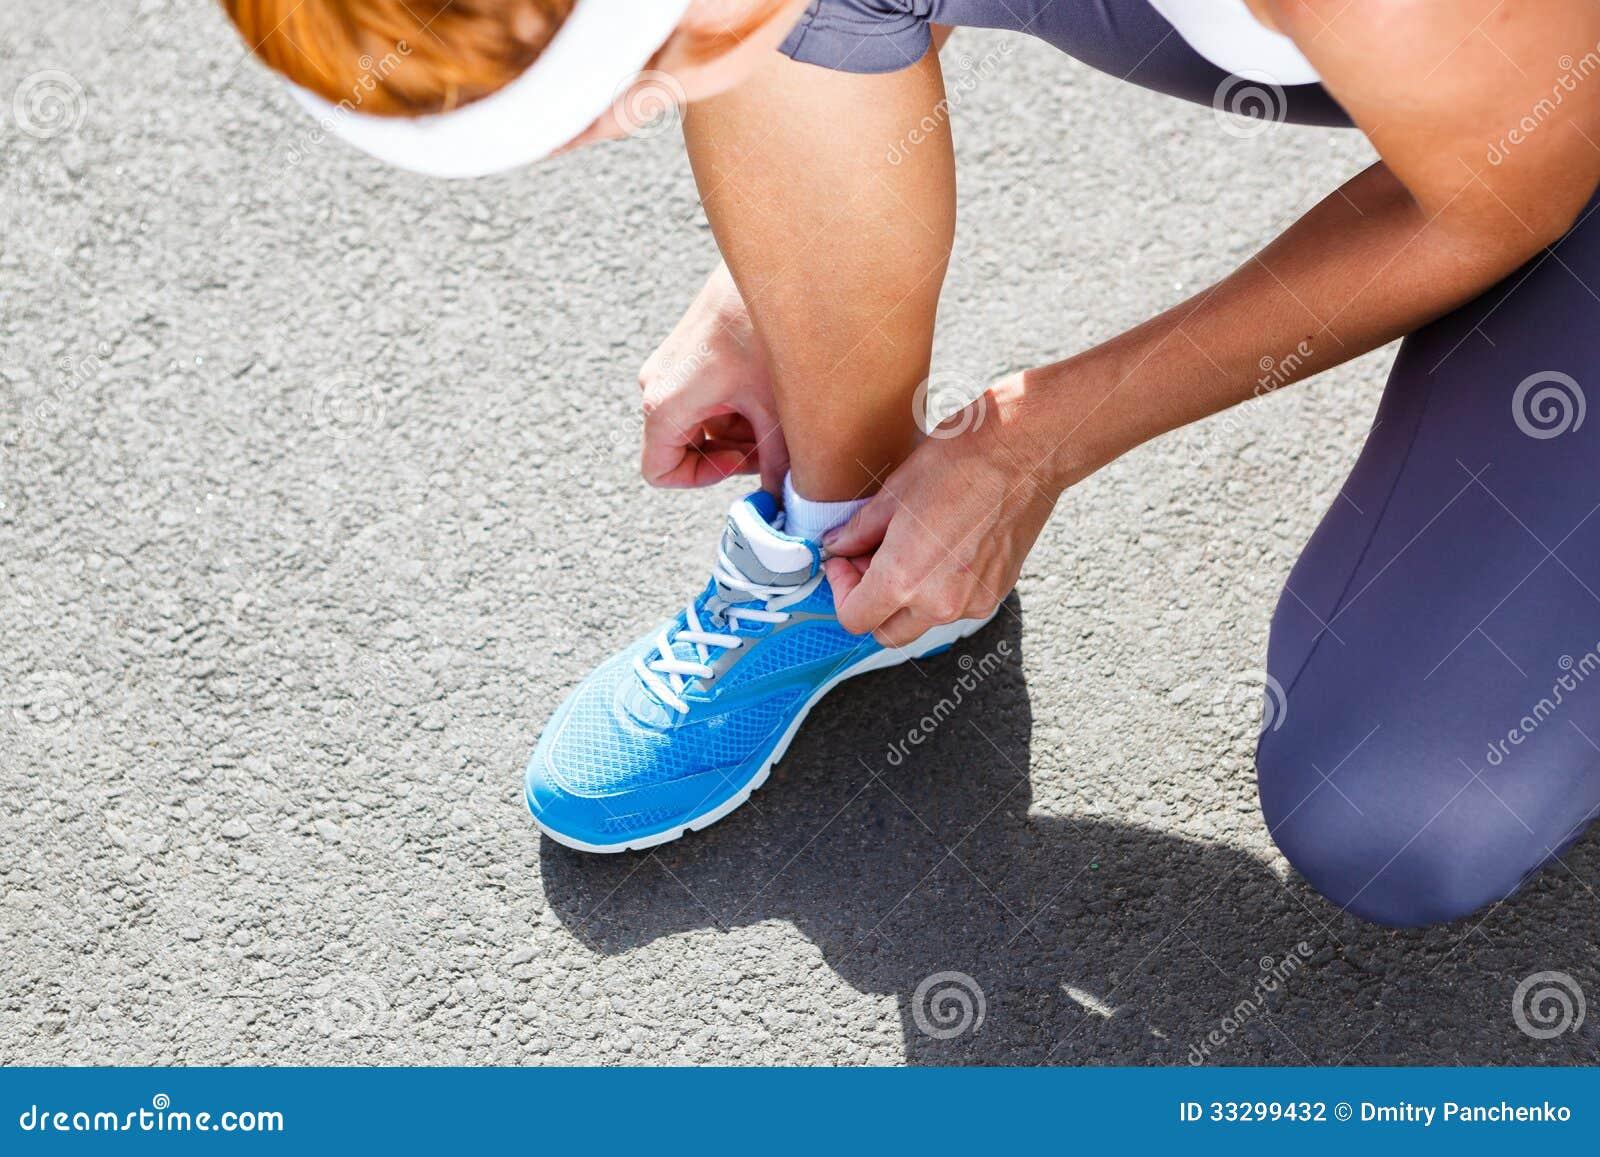 Junge Frau, Die Sport Schuhe Bindet. Stockfoto Bild von